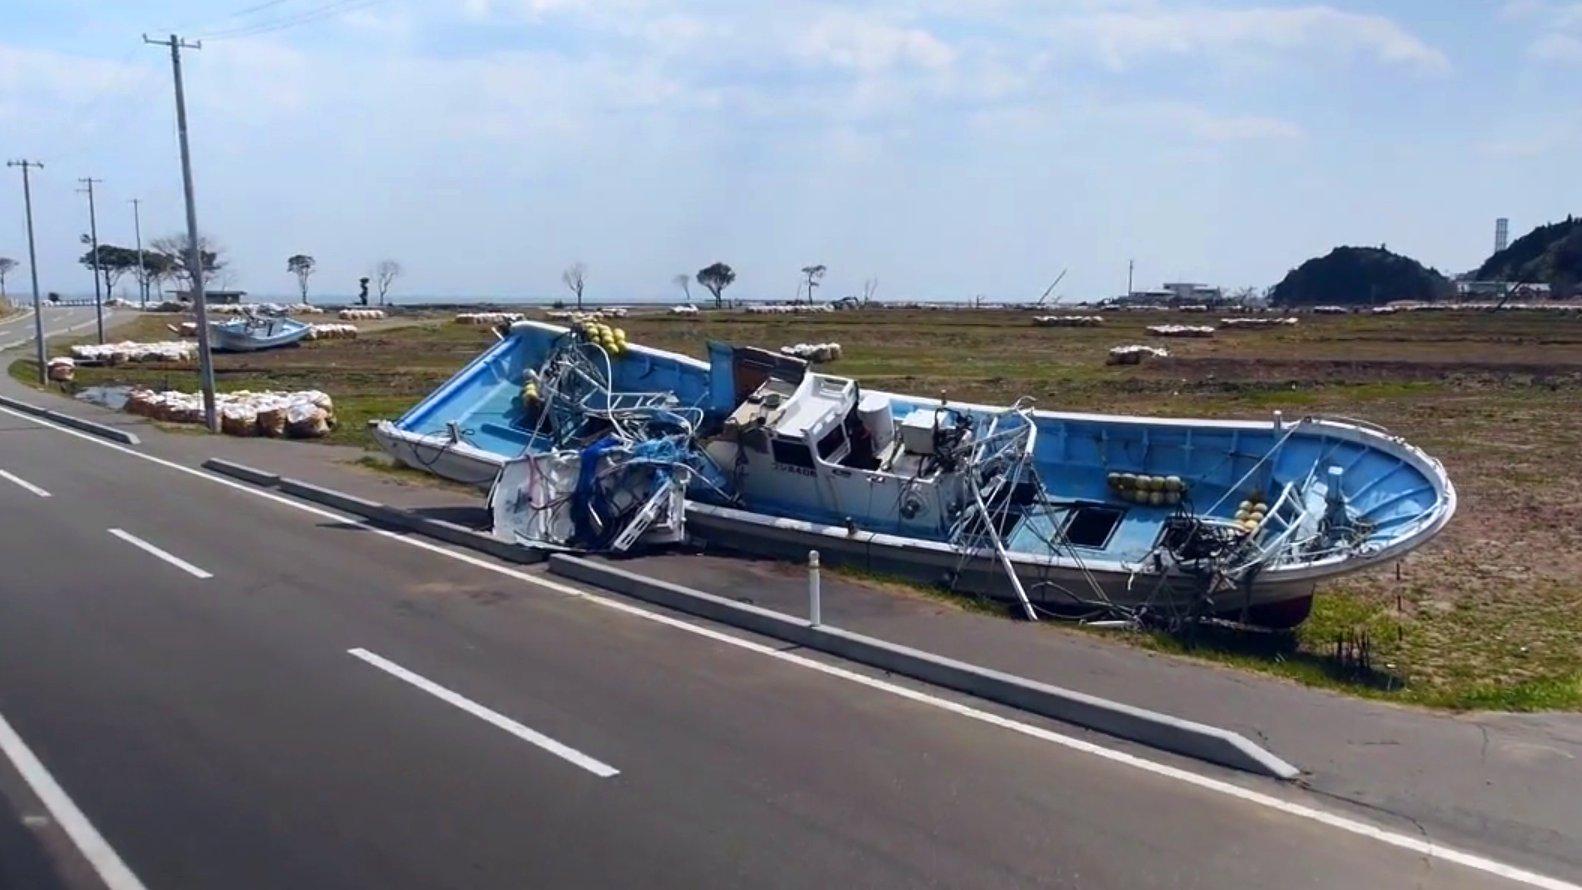 Beeindruckende Drohnenaufnahmen aus der Katastrophenregion um Fukushima